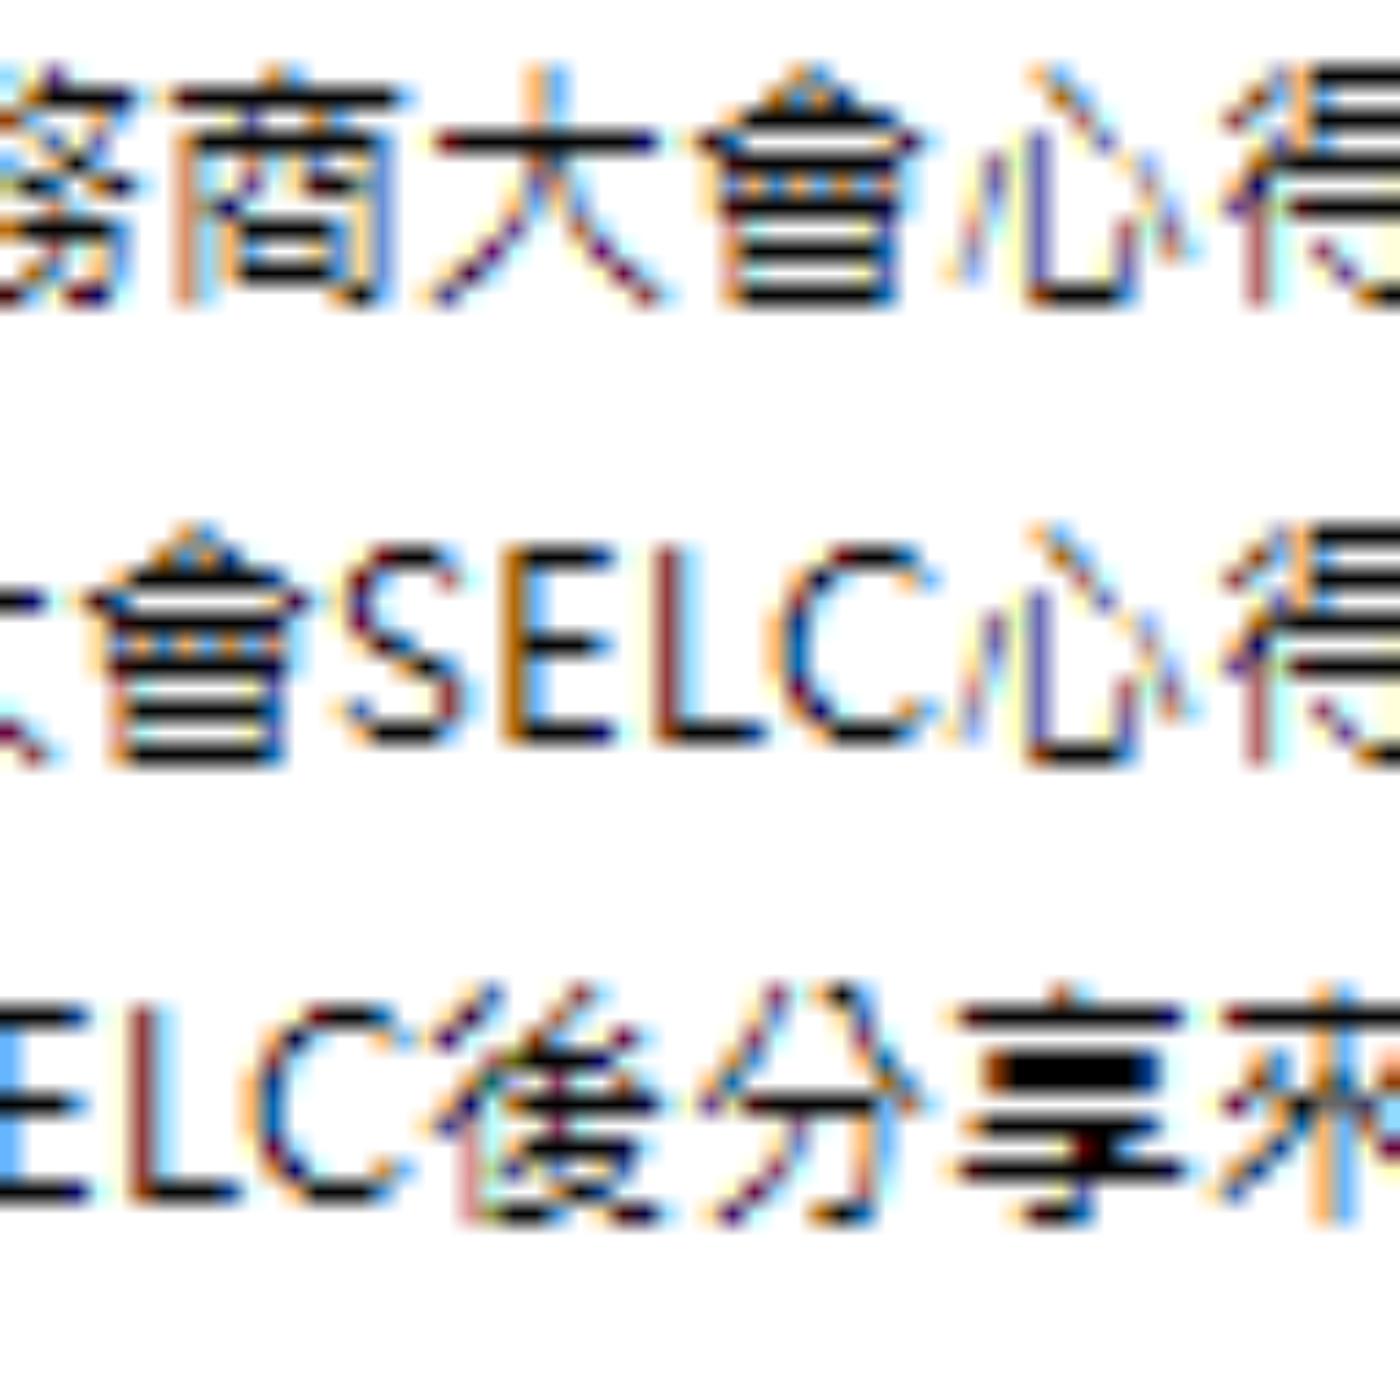 青島服務商大會SELC心得分享-劉玉婷